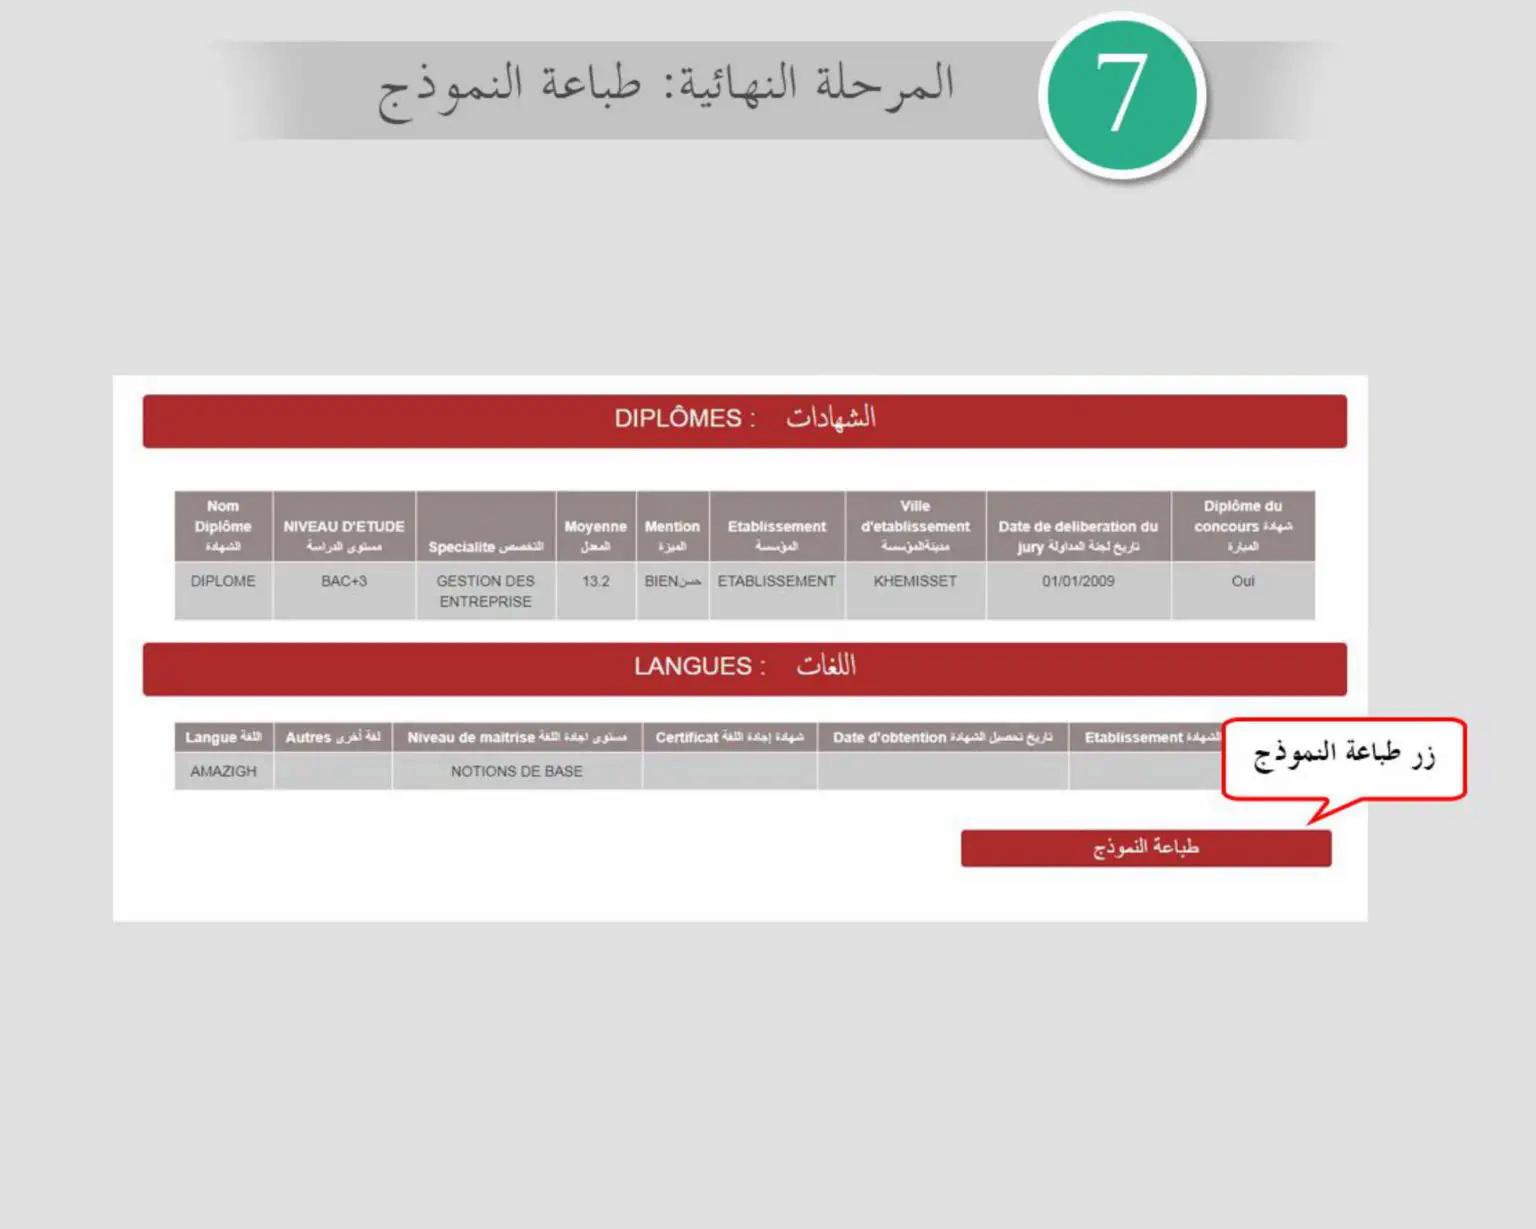 مباريات توظيف 7947 منصب في مختلف اسلاك الشرطة بالمديرية العامة للأمن الوطني اخر اجل للتسجيل 25 نونبر 2020 Conco140